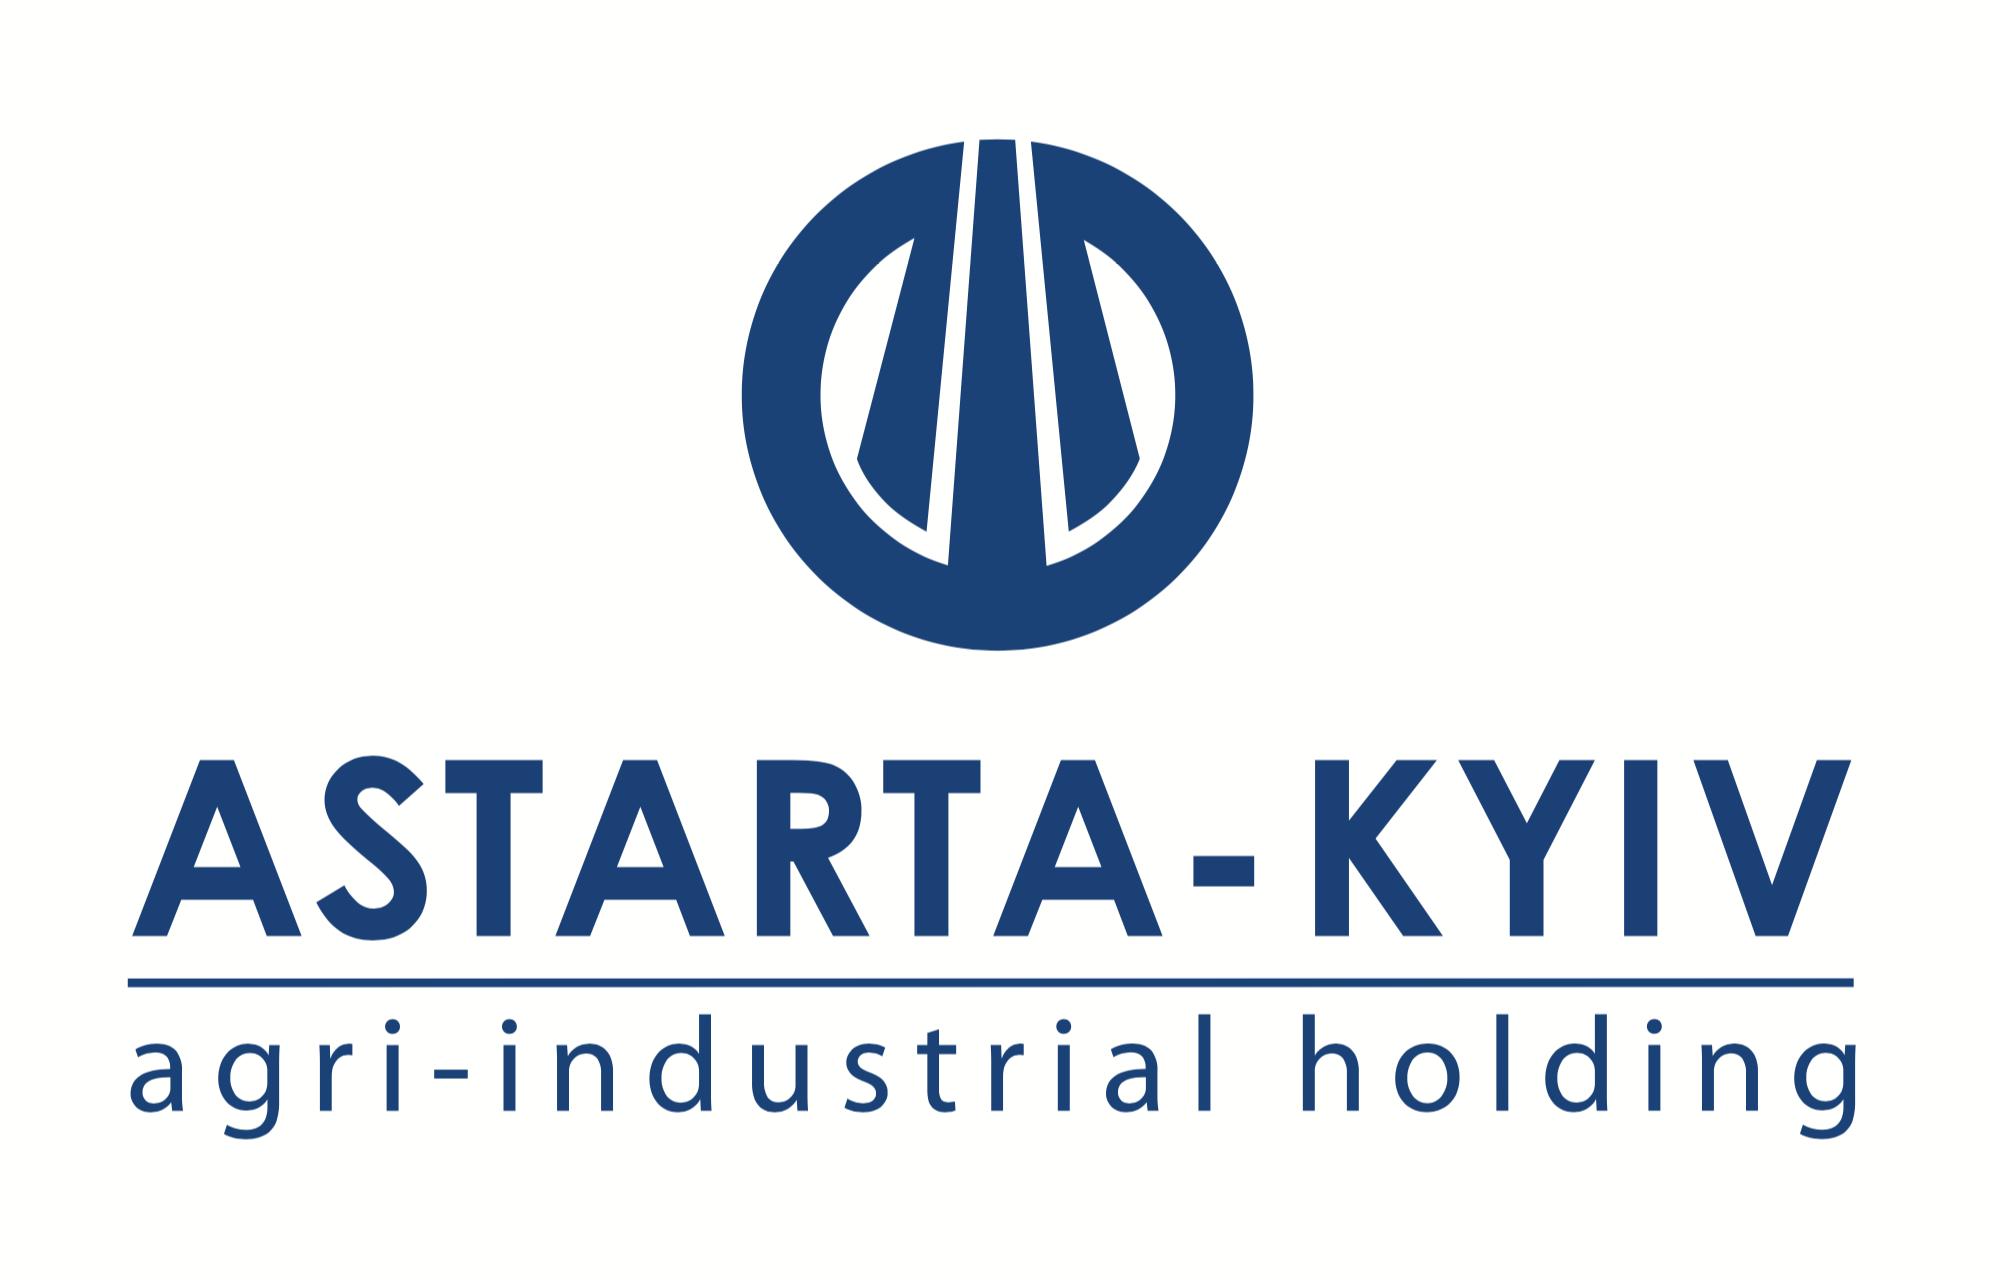 Astarta Kyiv